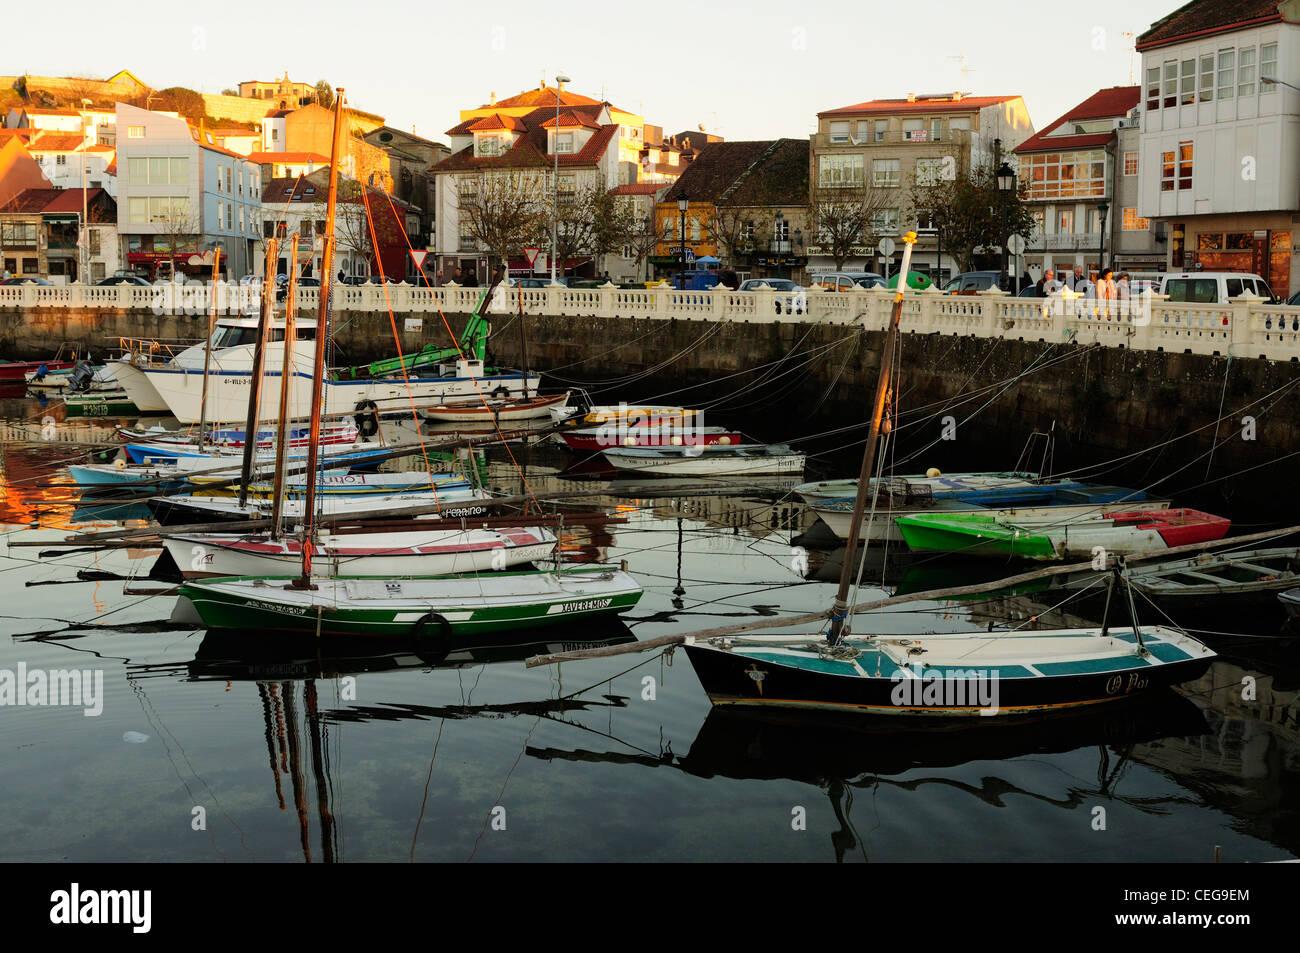 Fotografías hechas por nosotros mismos. - Página 21 Artisan-fishing-boats-in-carril-port-vilagarca-de-arousa-galicia-spain-CEG9EM